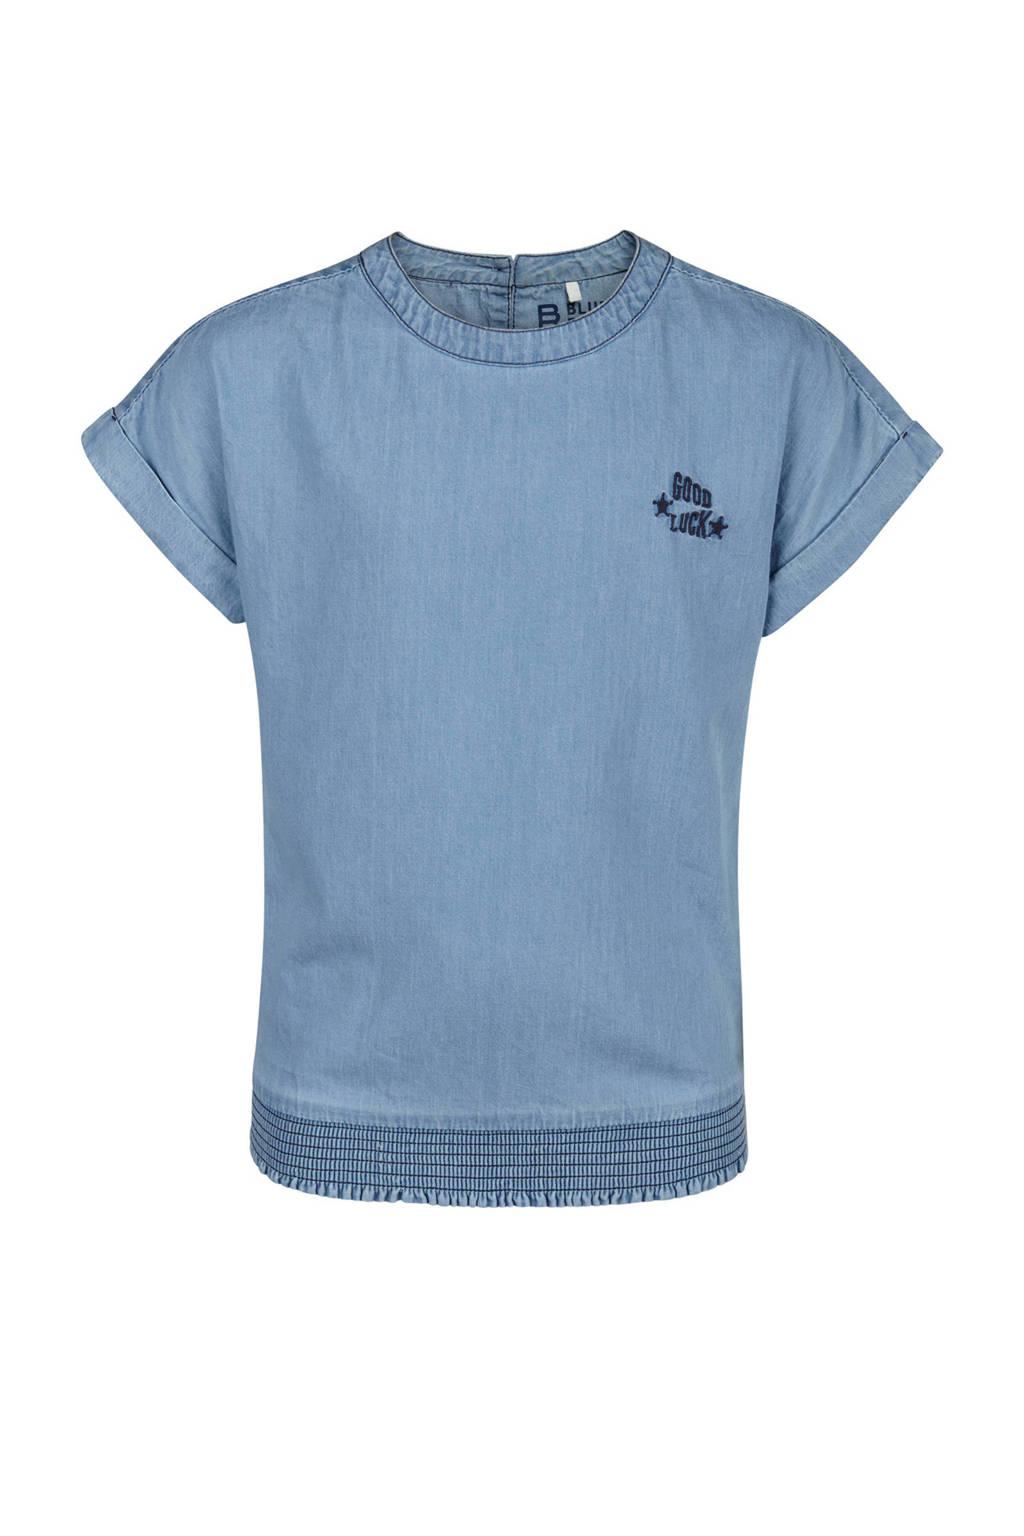 WE Fashion spijkertop blauw, Light denim